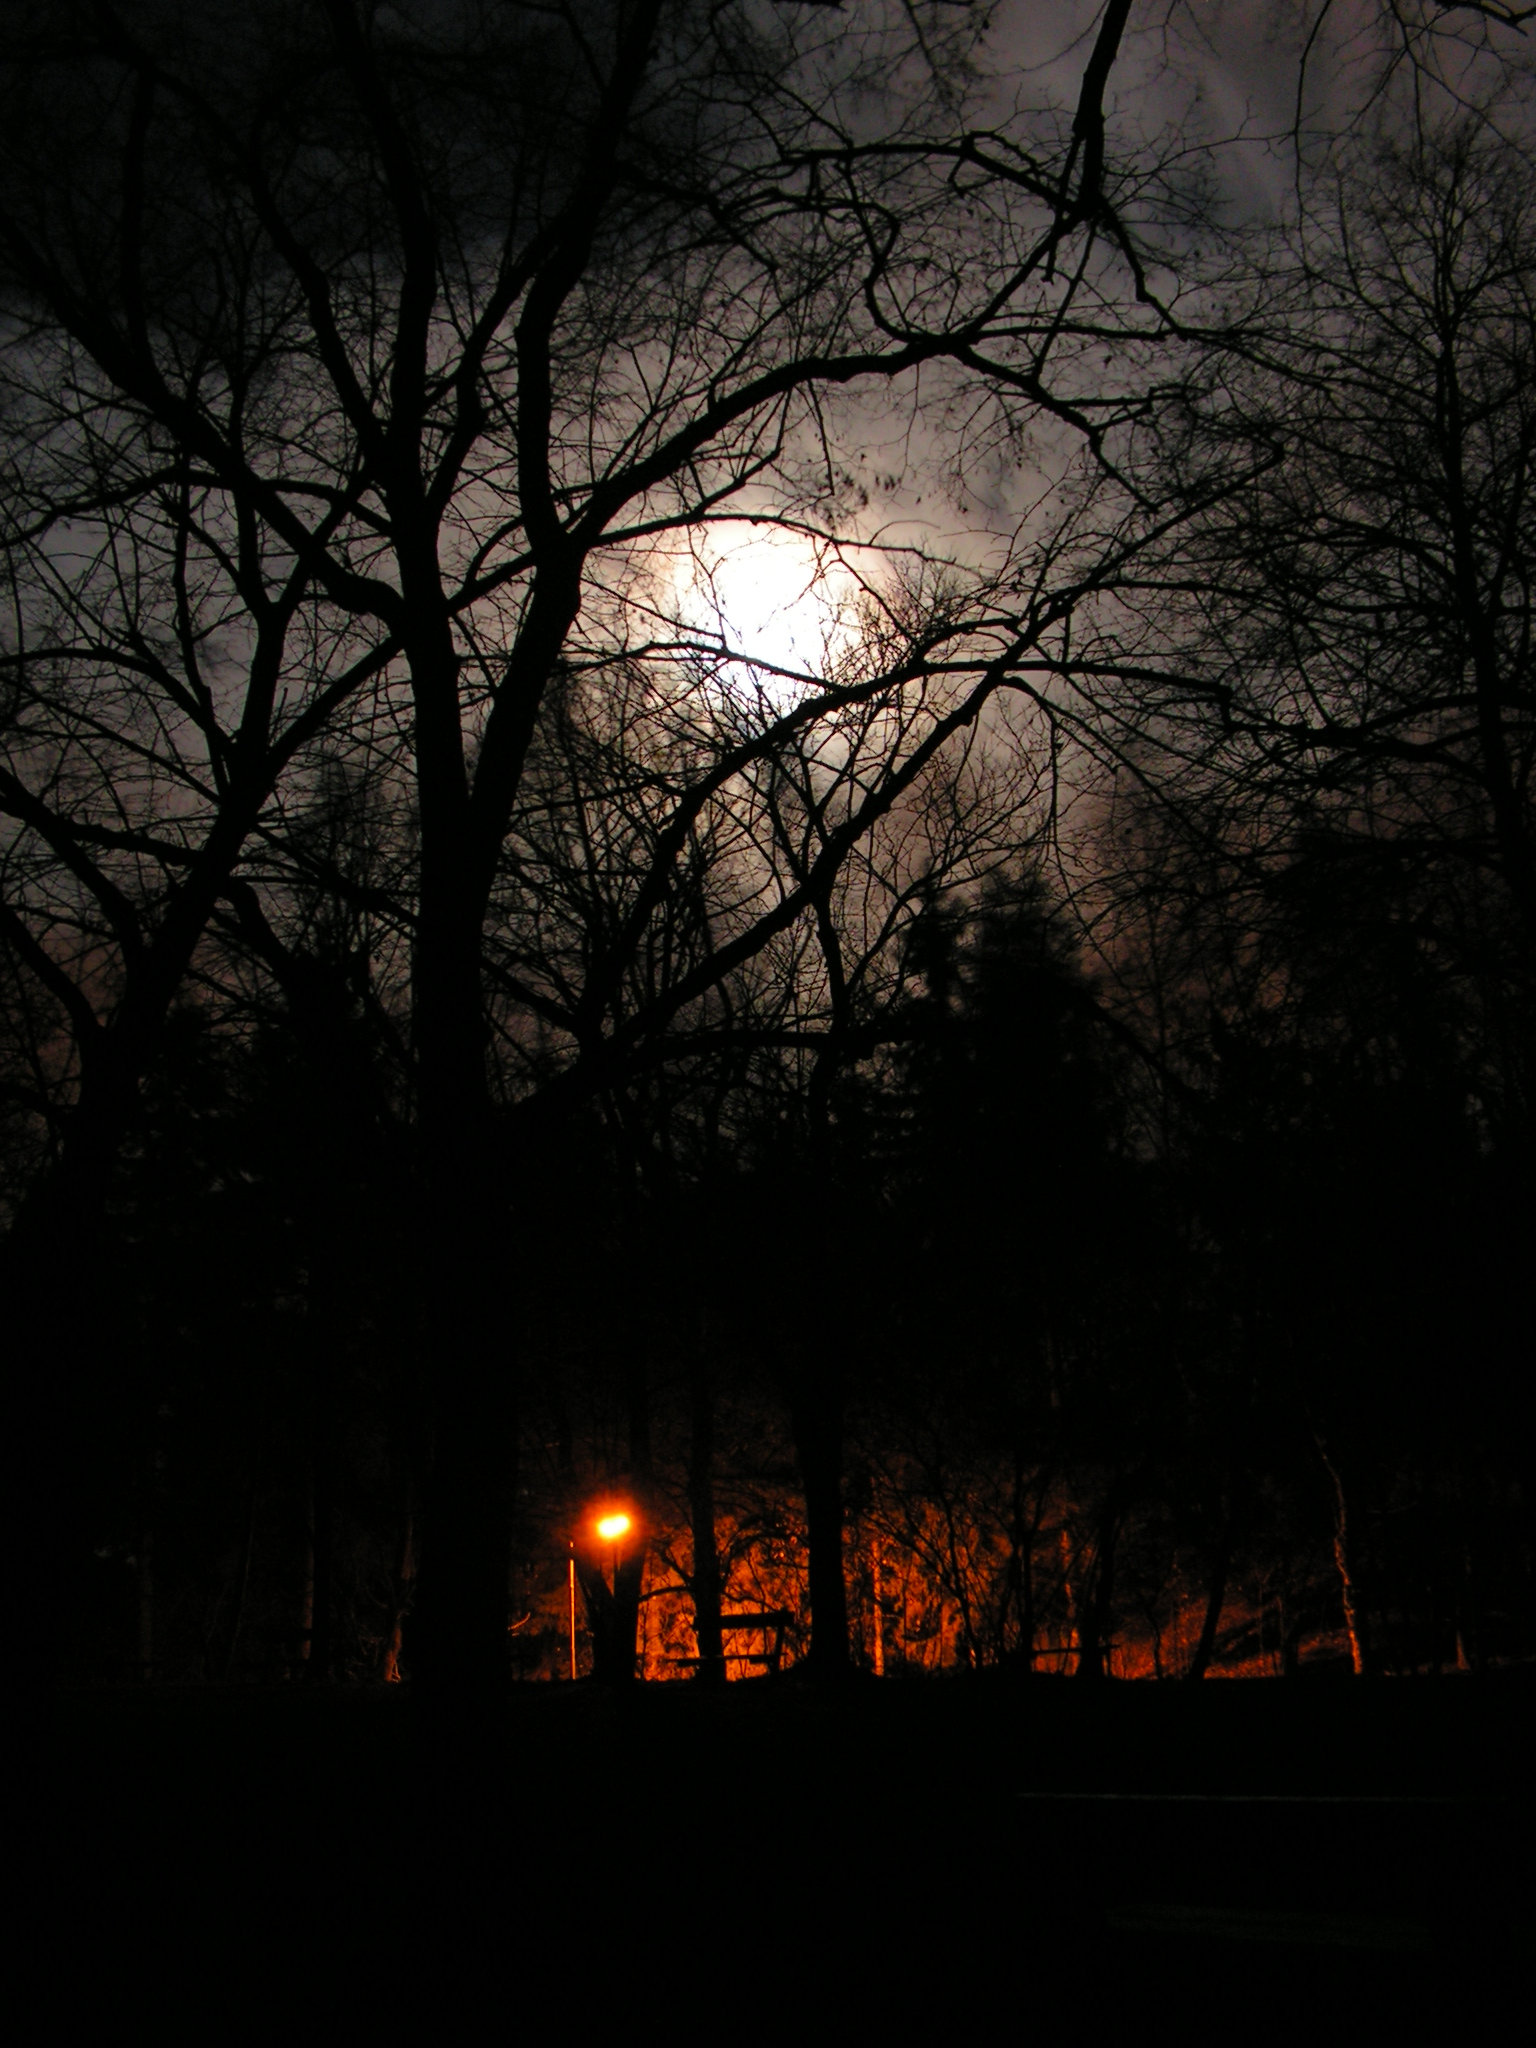 Lampy a měsíc